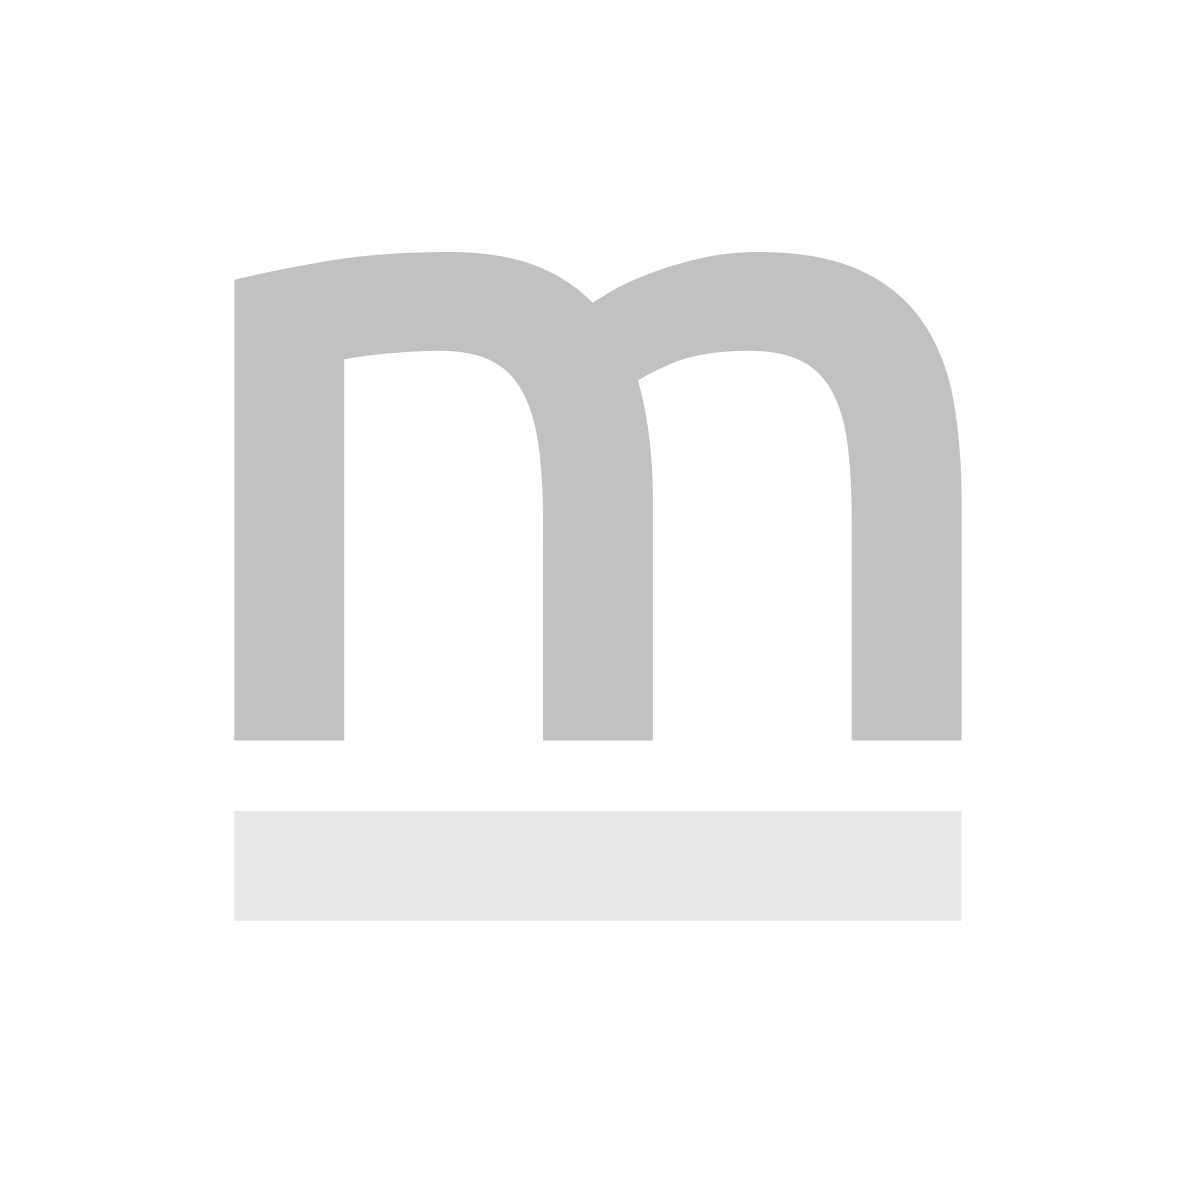 Biopaliwo / płyn do biokominków zapachowy - Kawa 1L